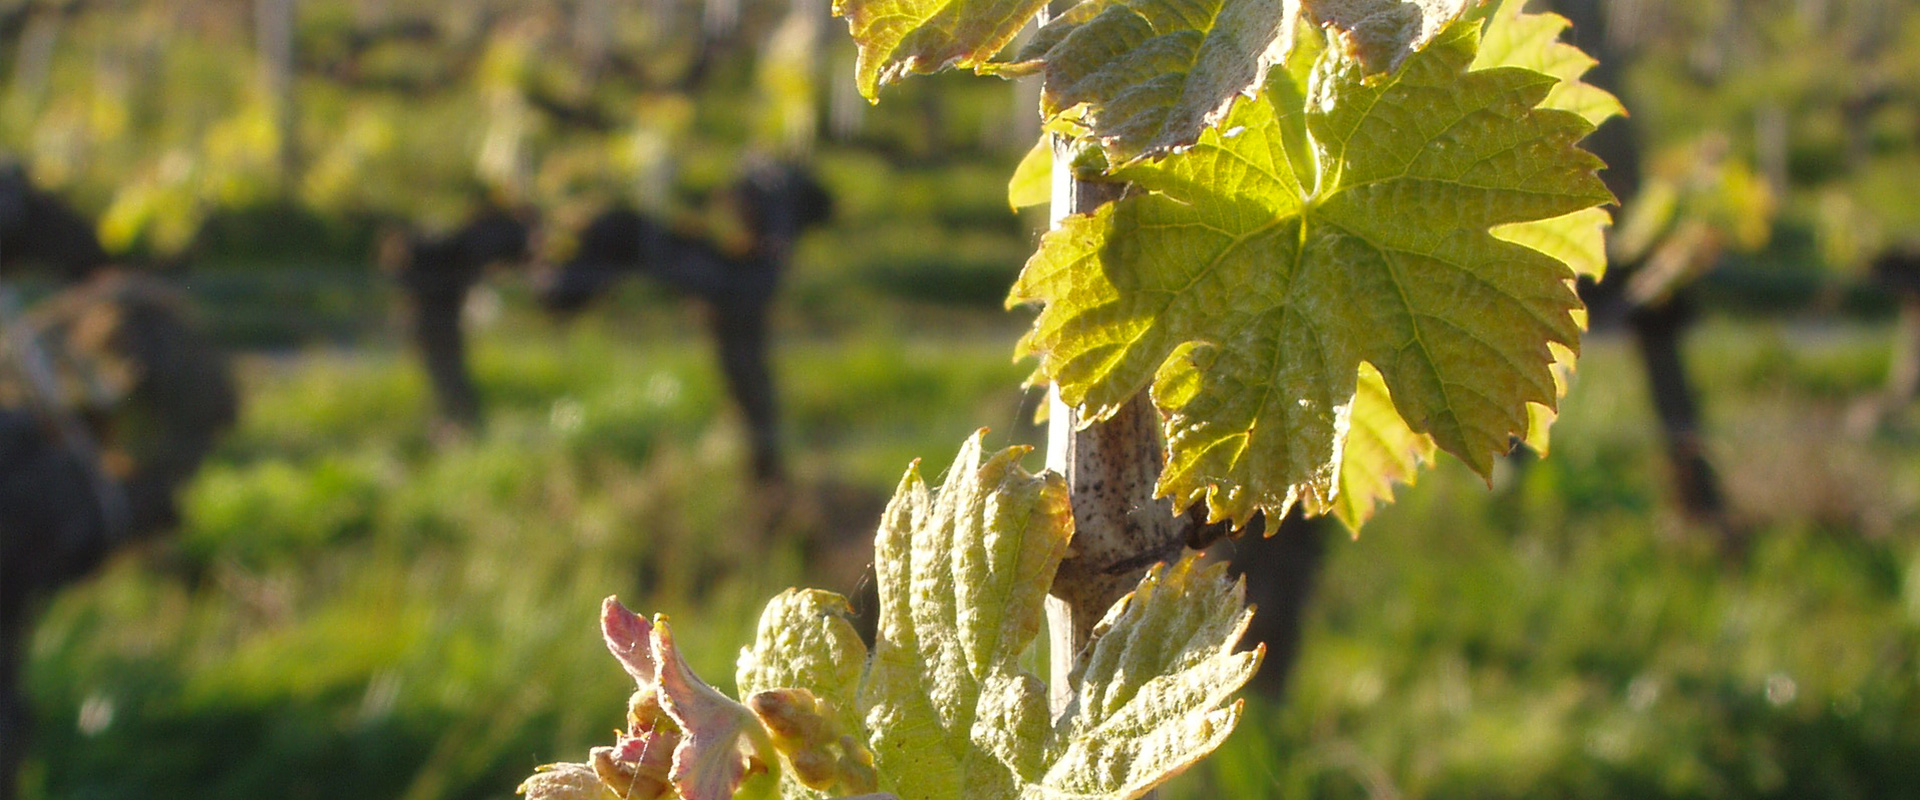 gros plan horizontal sur des feuilles de vigne Château L'Inclassable